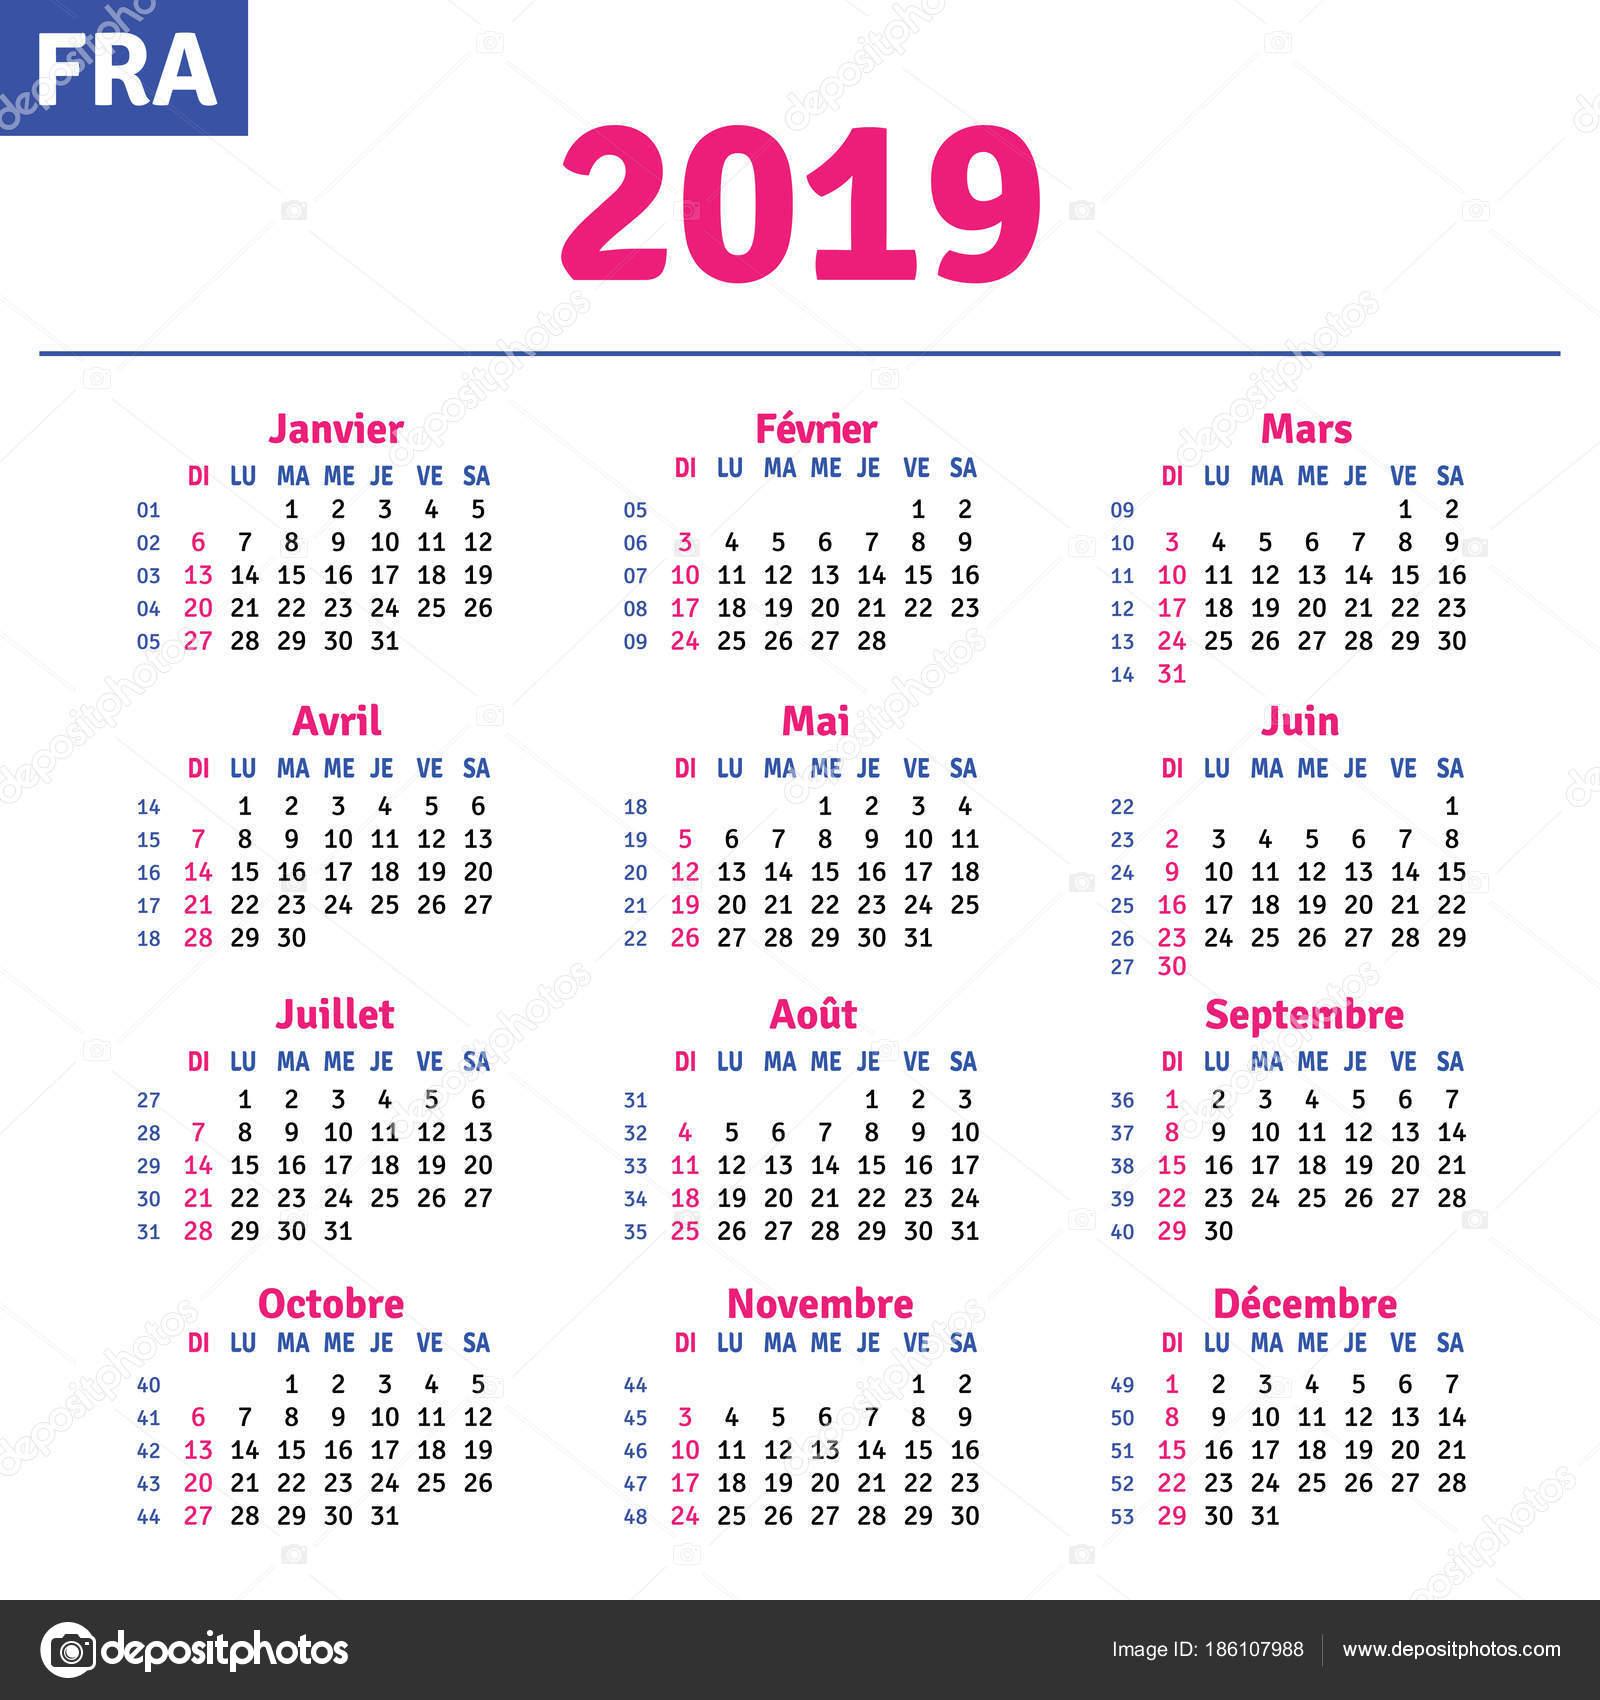 Calendrier Francais 2019.Francais Calendrier 2019 Image Vectorielle Rustamank